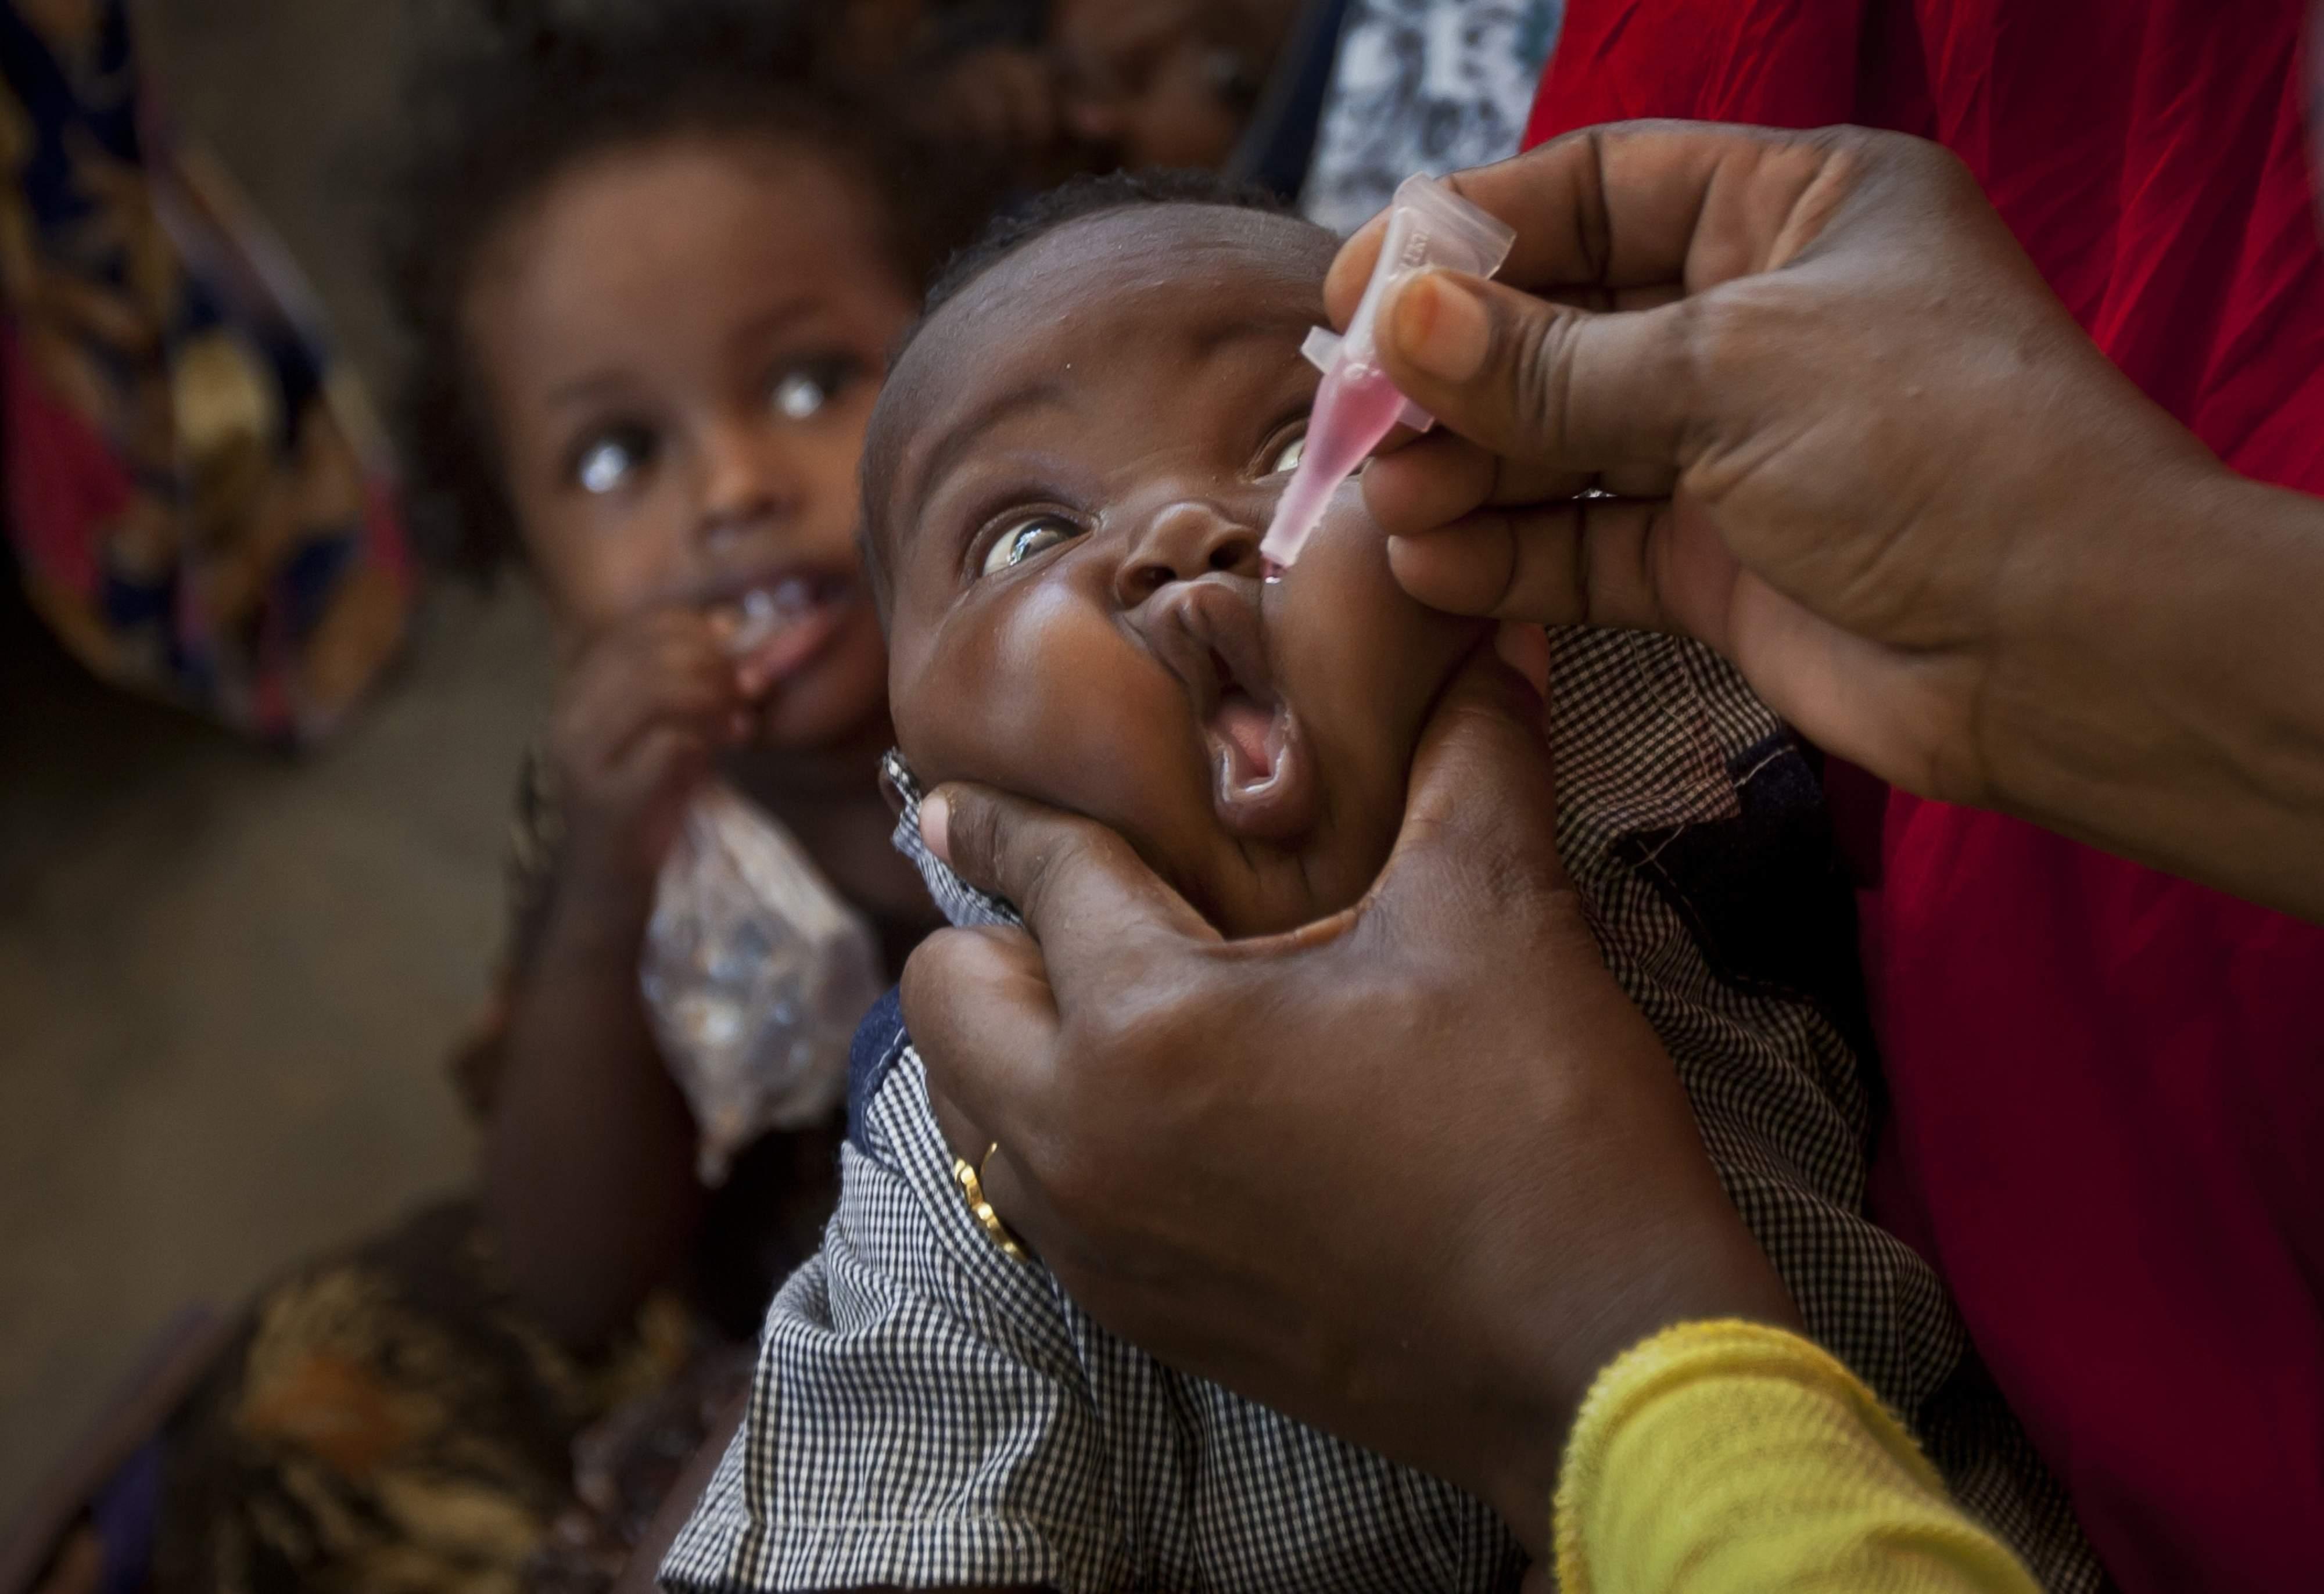 Çocuk felci aşısı yan etkileri var mıdır